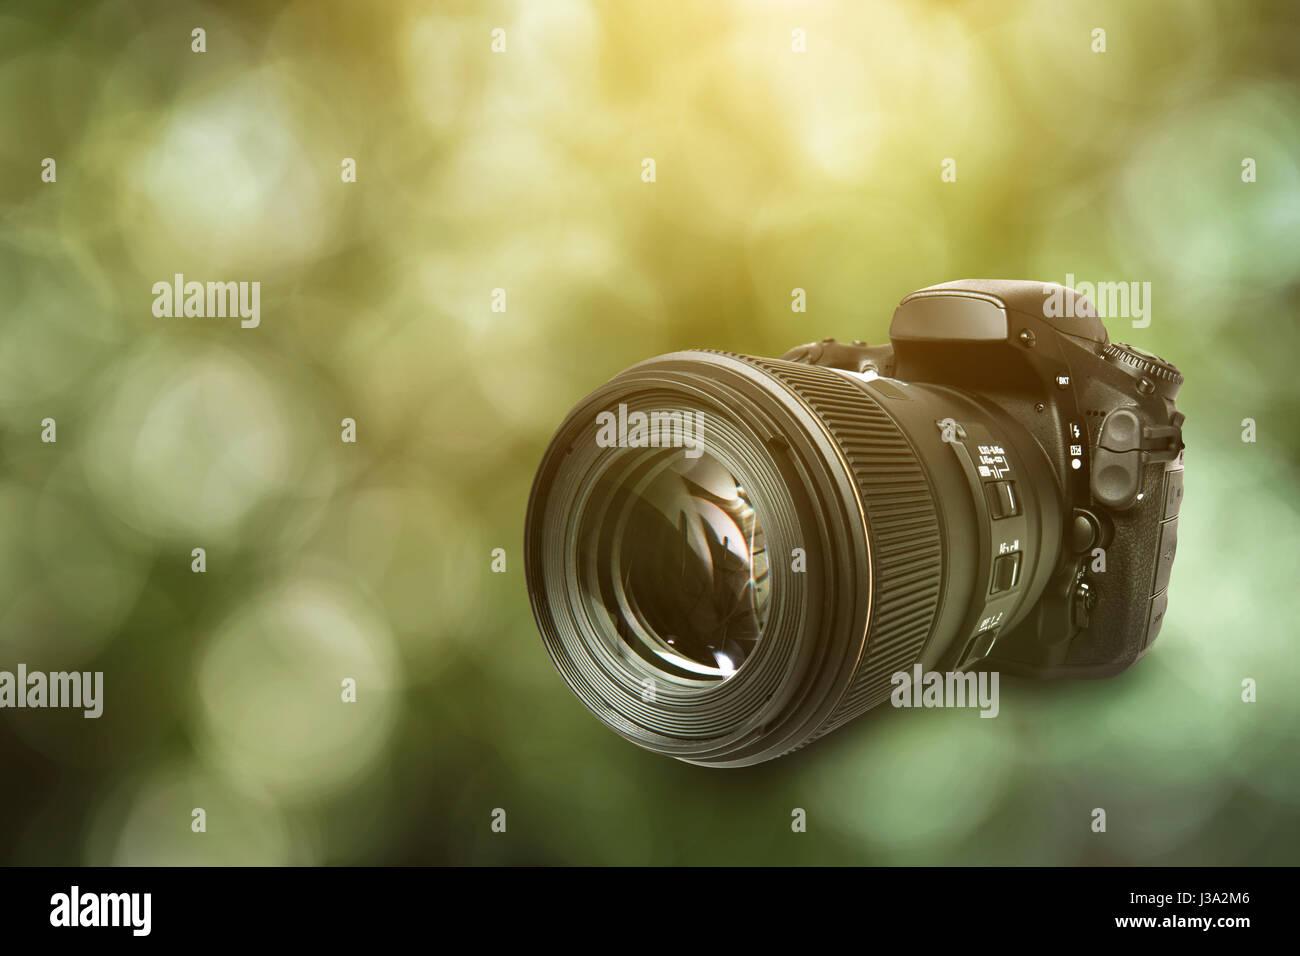 Fotocamera reflex digitale su sfondo verde Immagini Stock